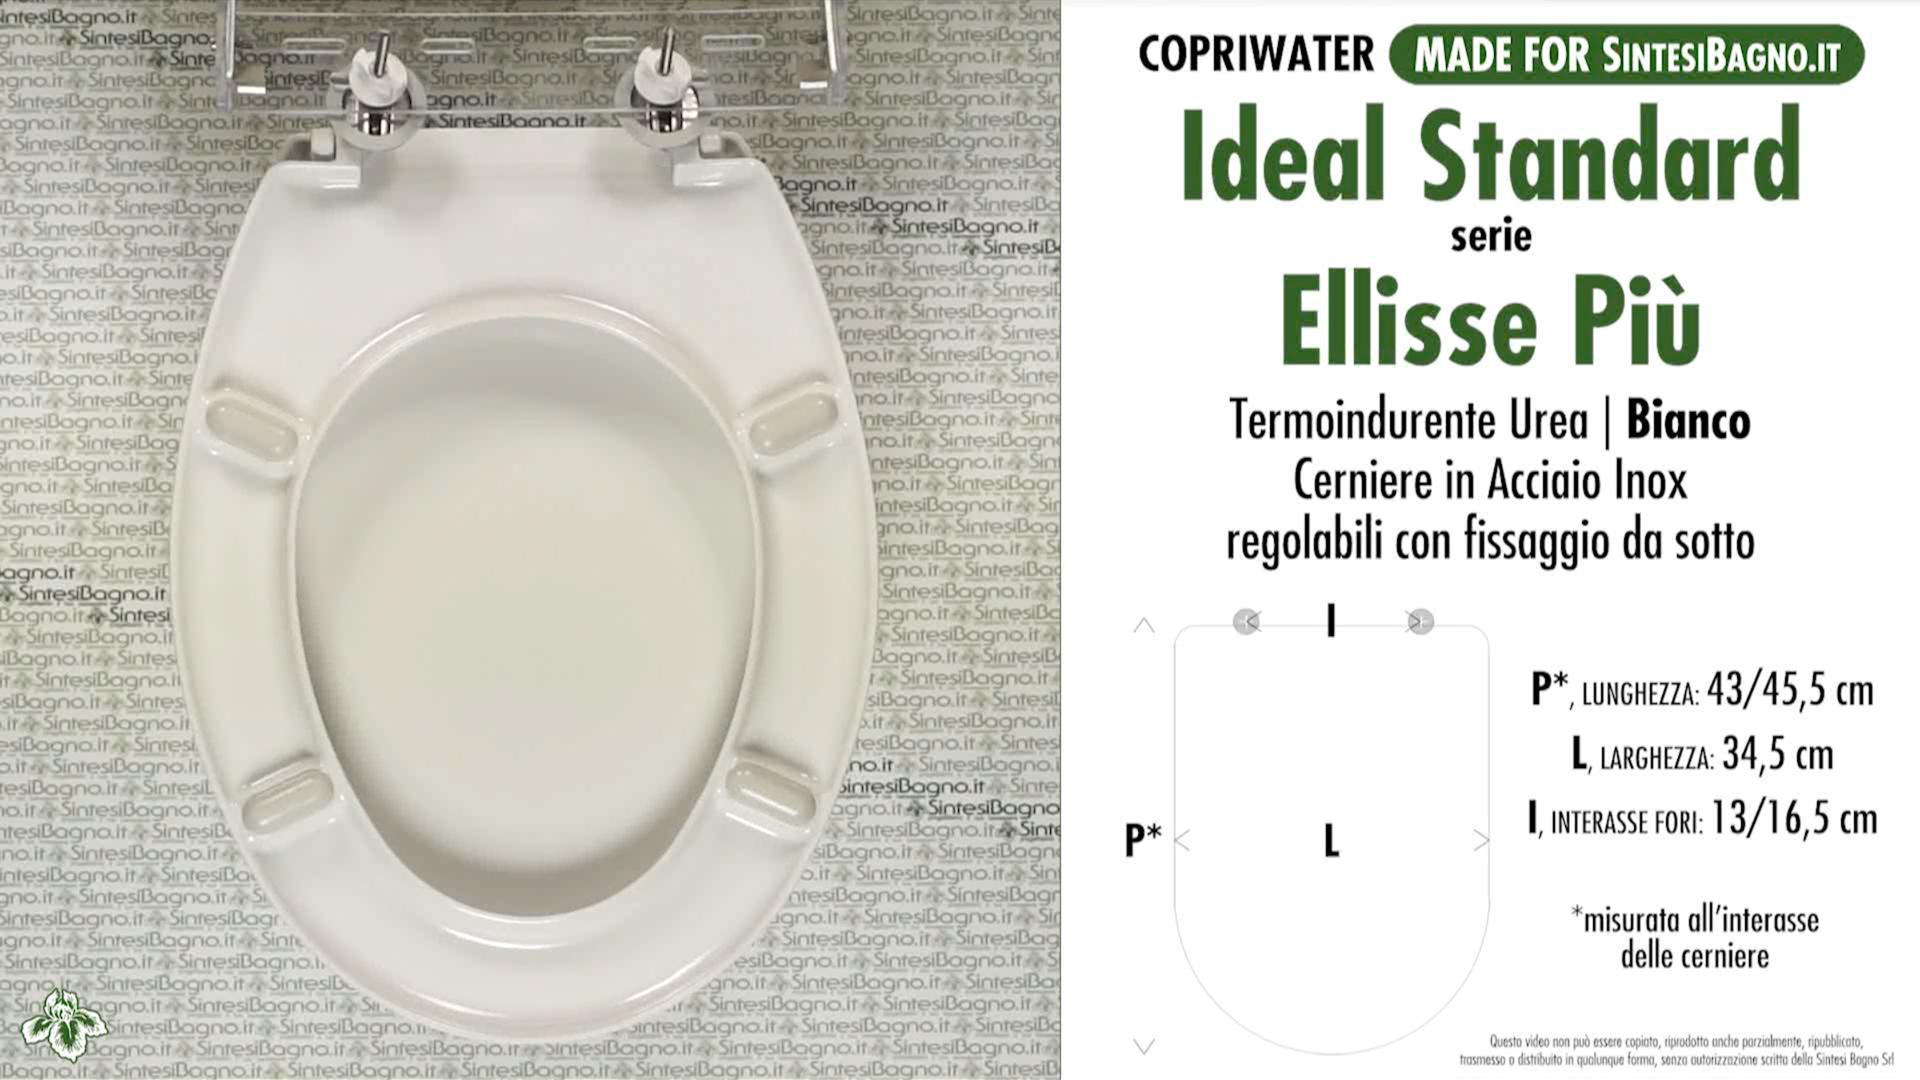 SCHEDA TECNICA MISURE copriwater IDEAL STANDARD ELLISSE PIU'